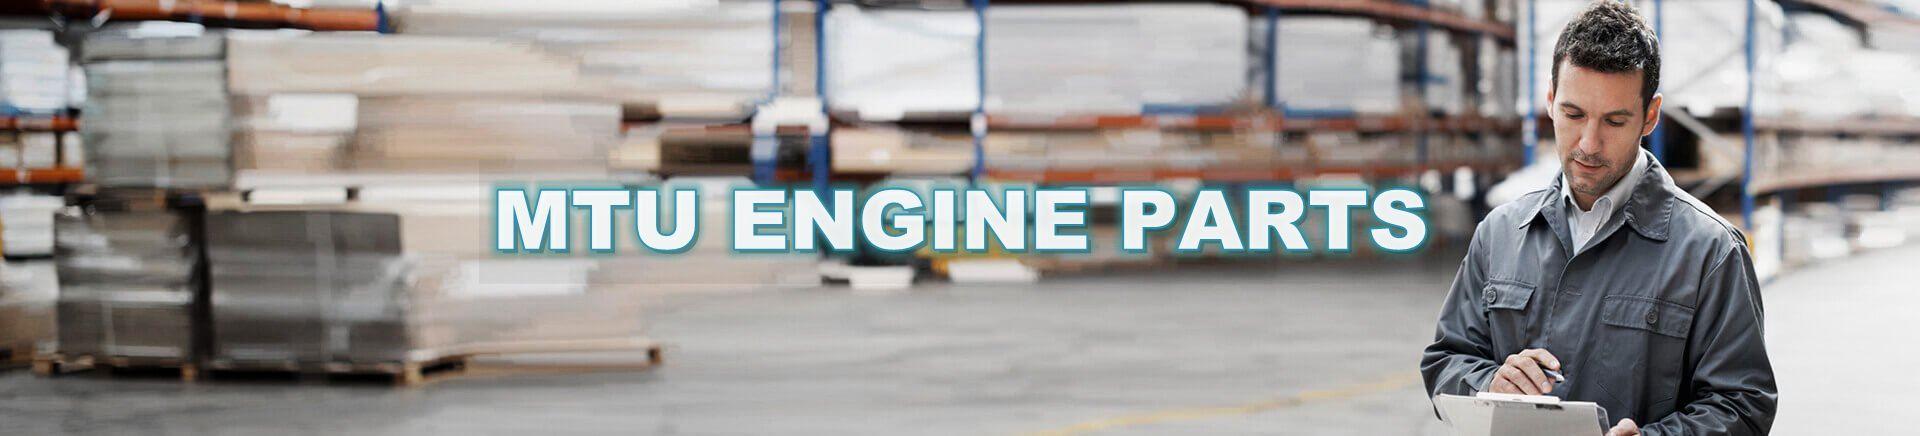 MTU Engine & Parts | Used MTU Engine & Gensets